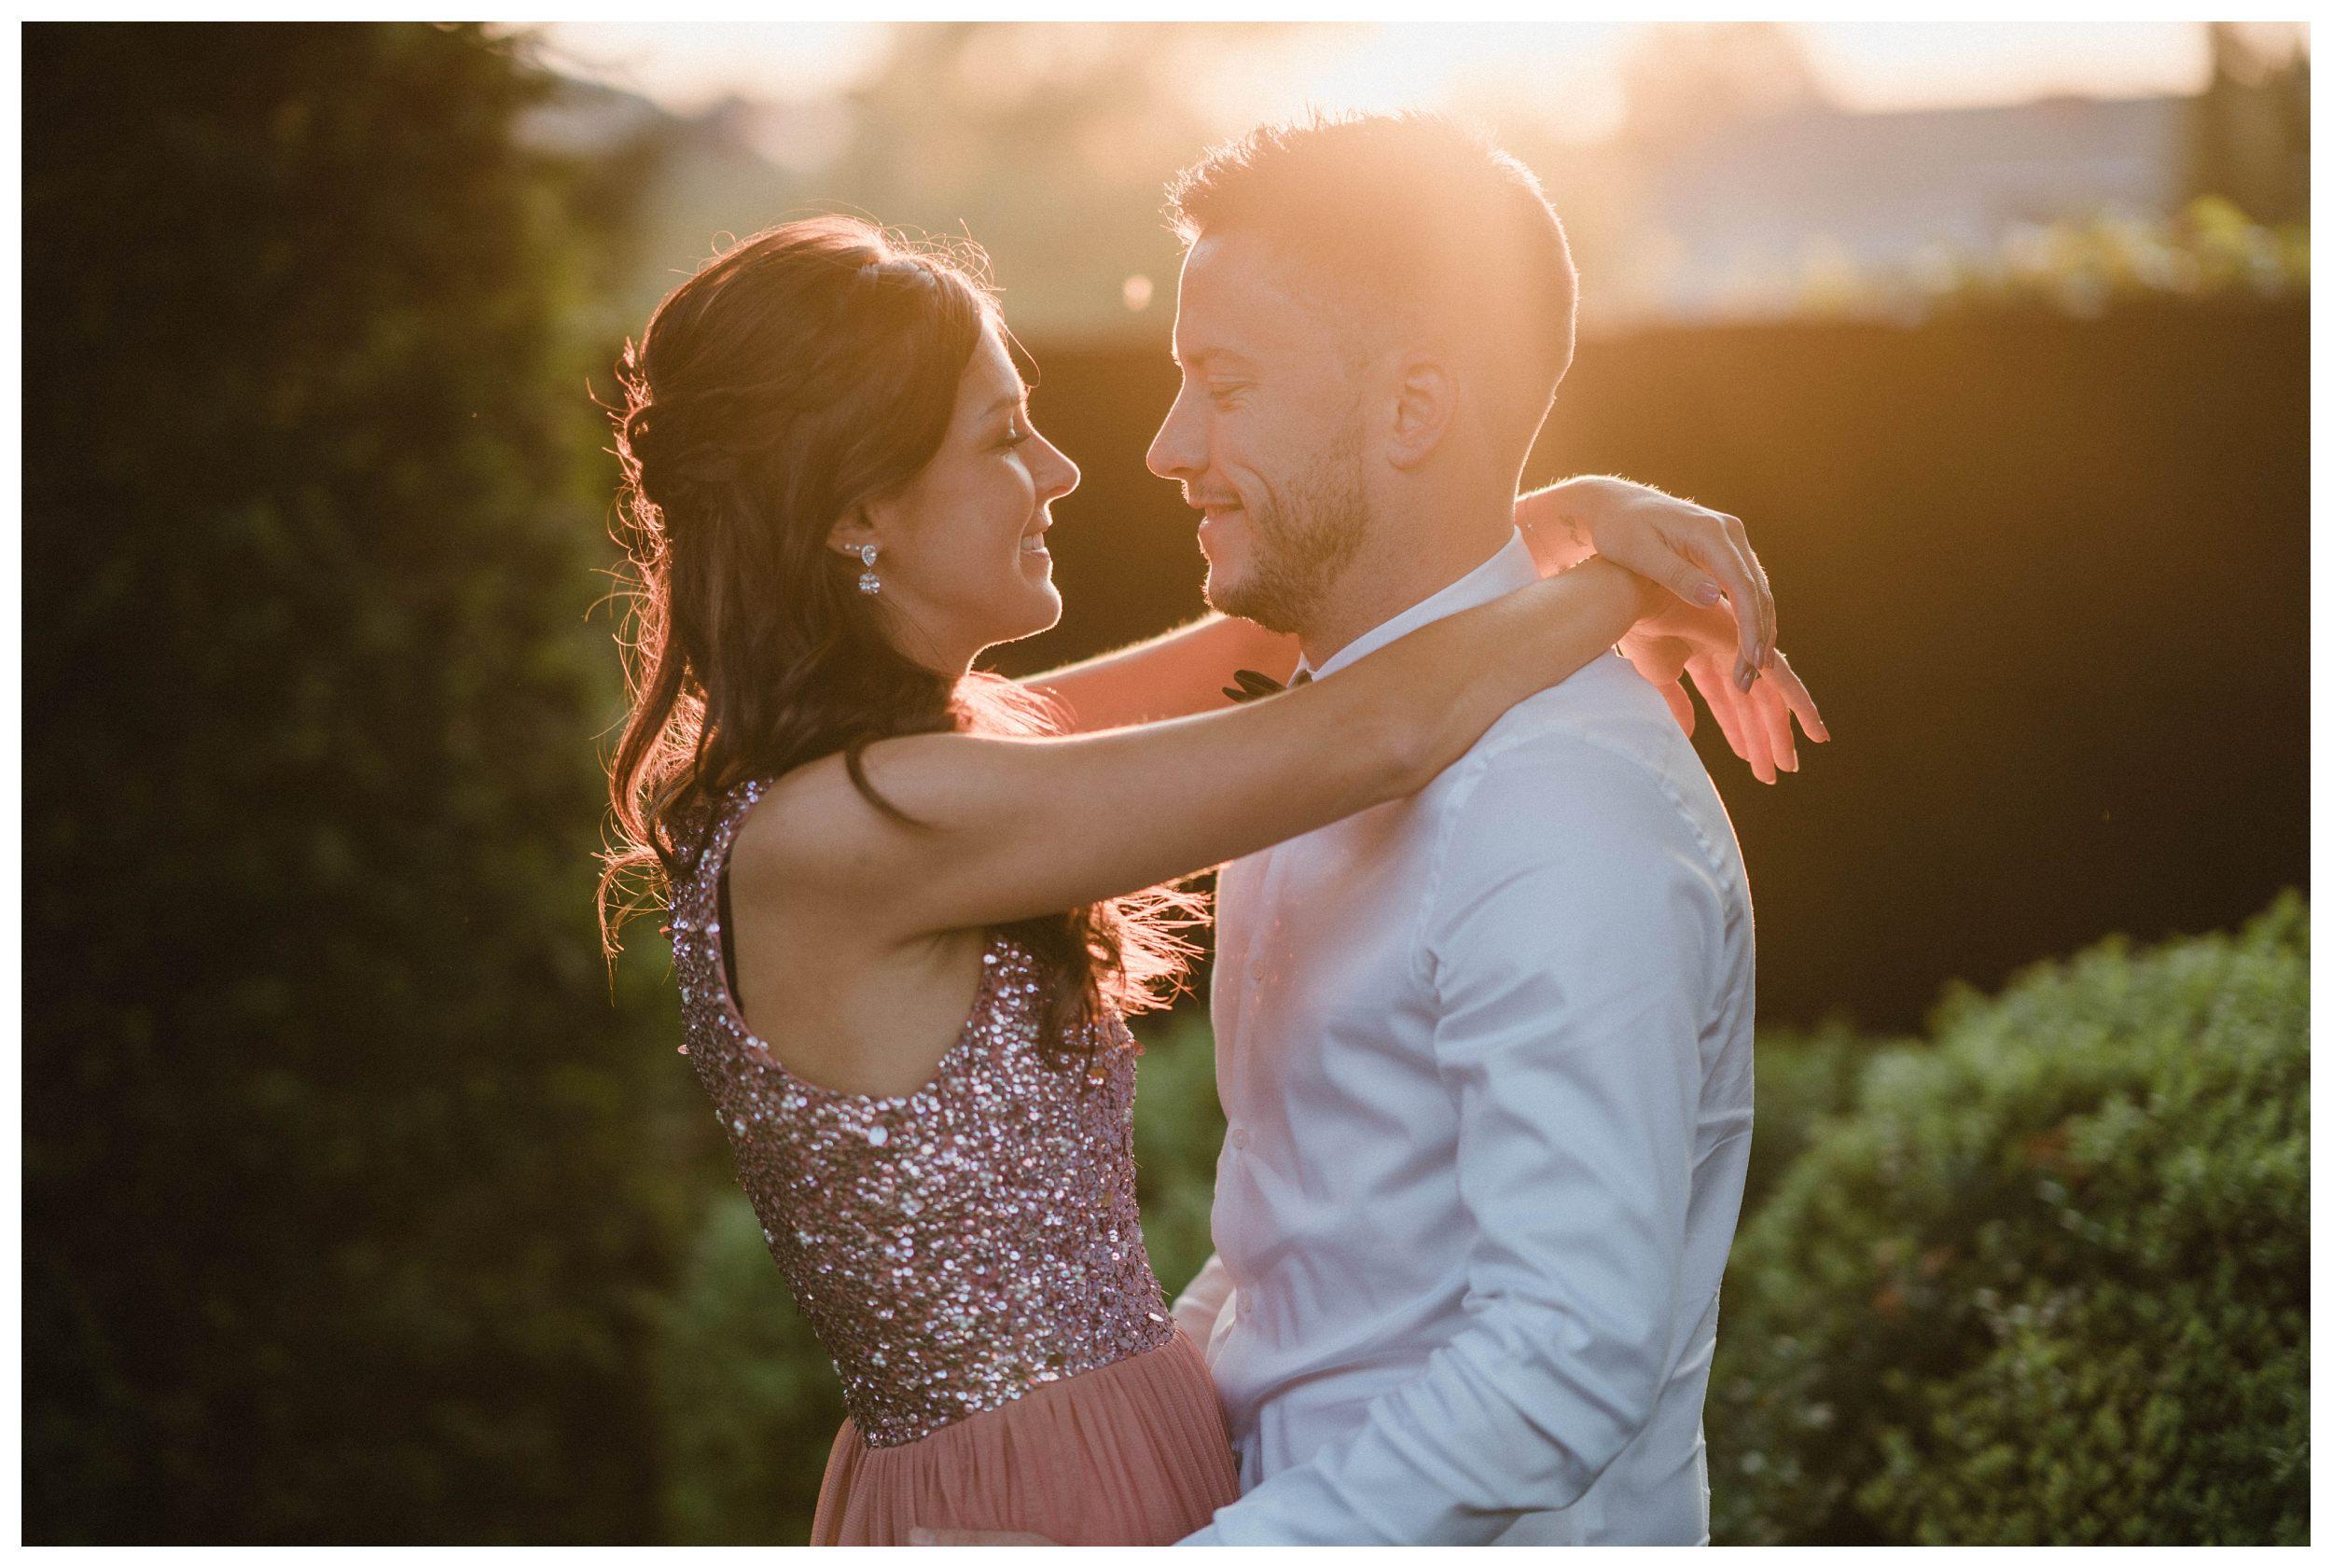 huwelijksfotograaf bruidsfotograaf destinationwedding huwelijksfotografie in mol oostham (63).jpg